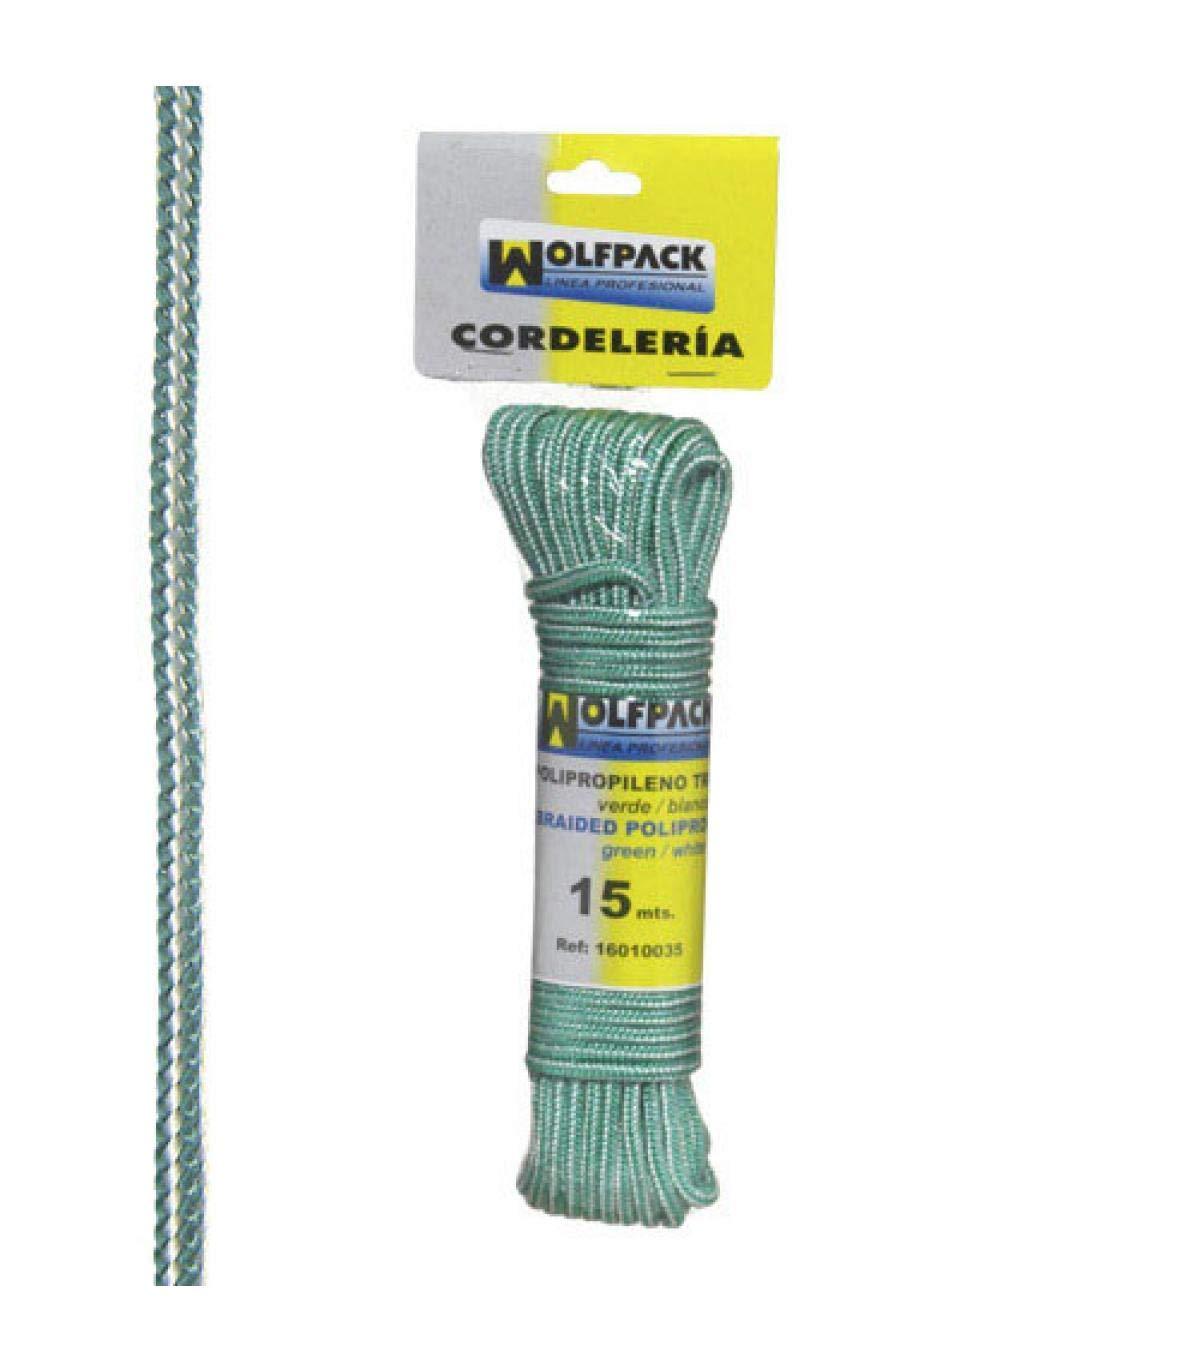 Color Blanco y Verde Polipropileno, madeja 15 m Wolfpack 16010035 Cuerda Trenzada